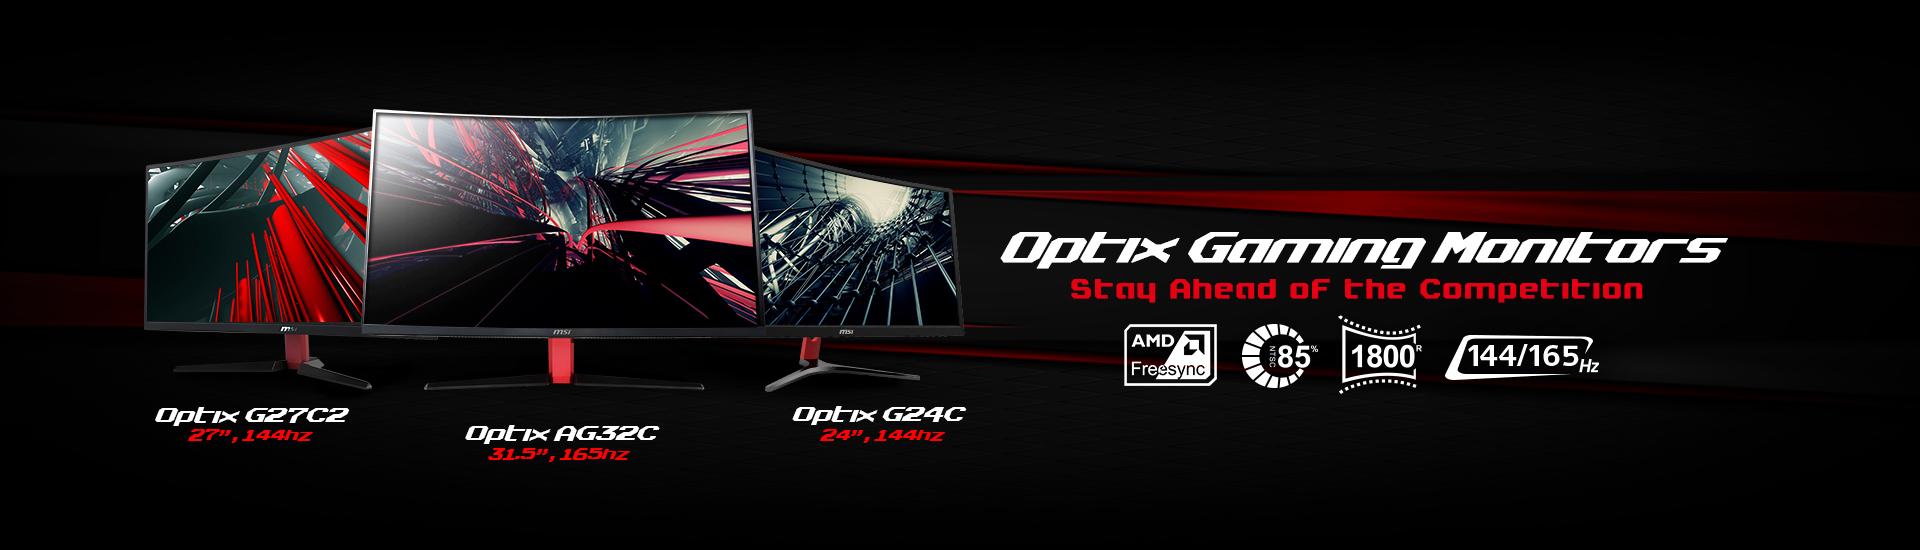 MSI Optix Gaming Monitors